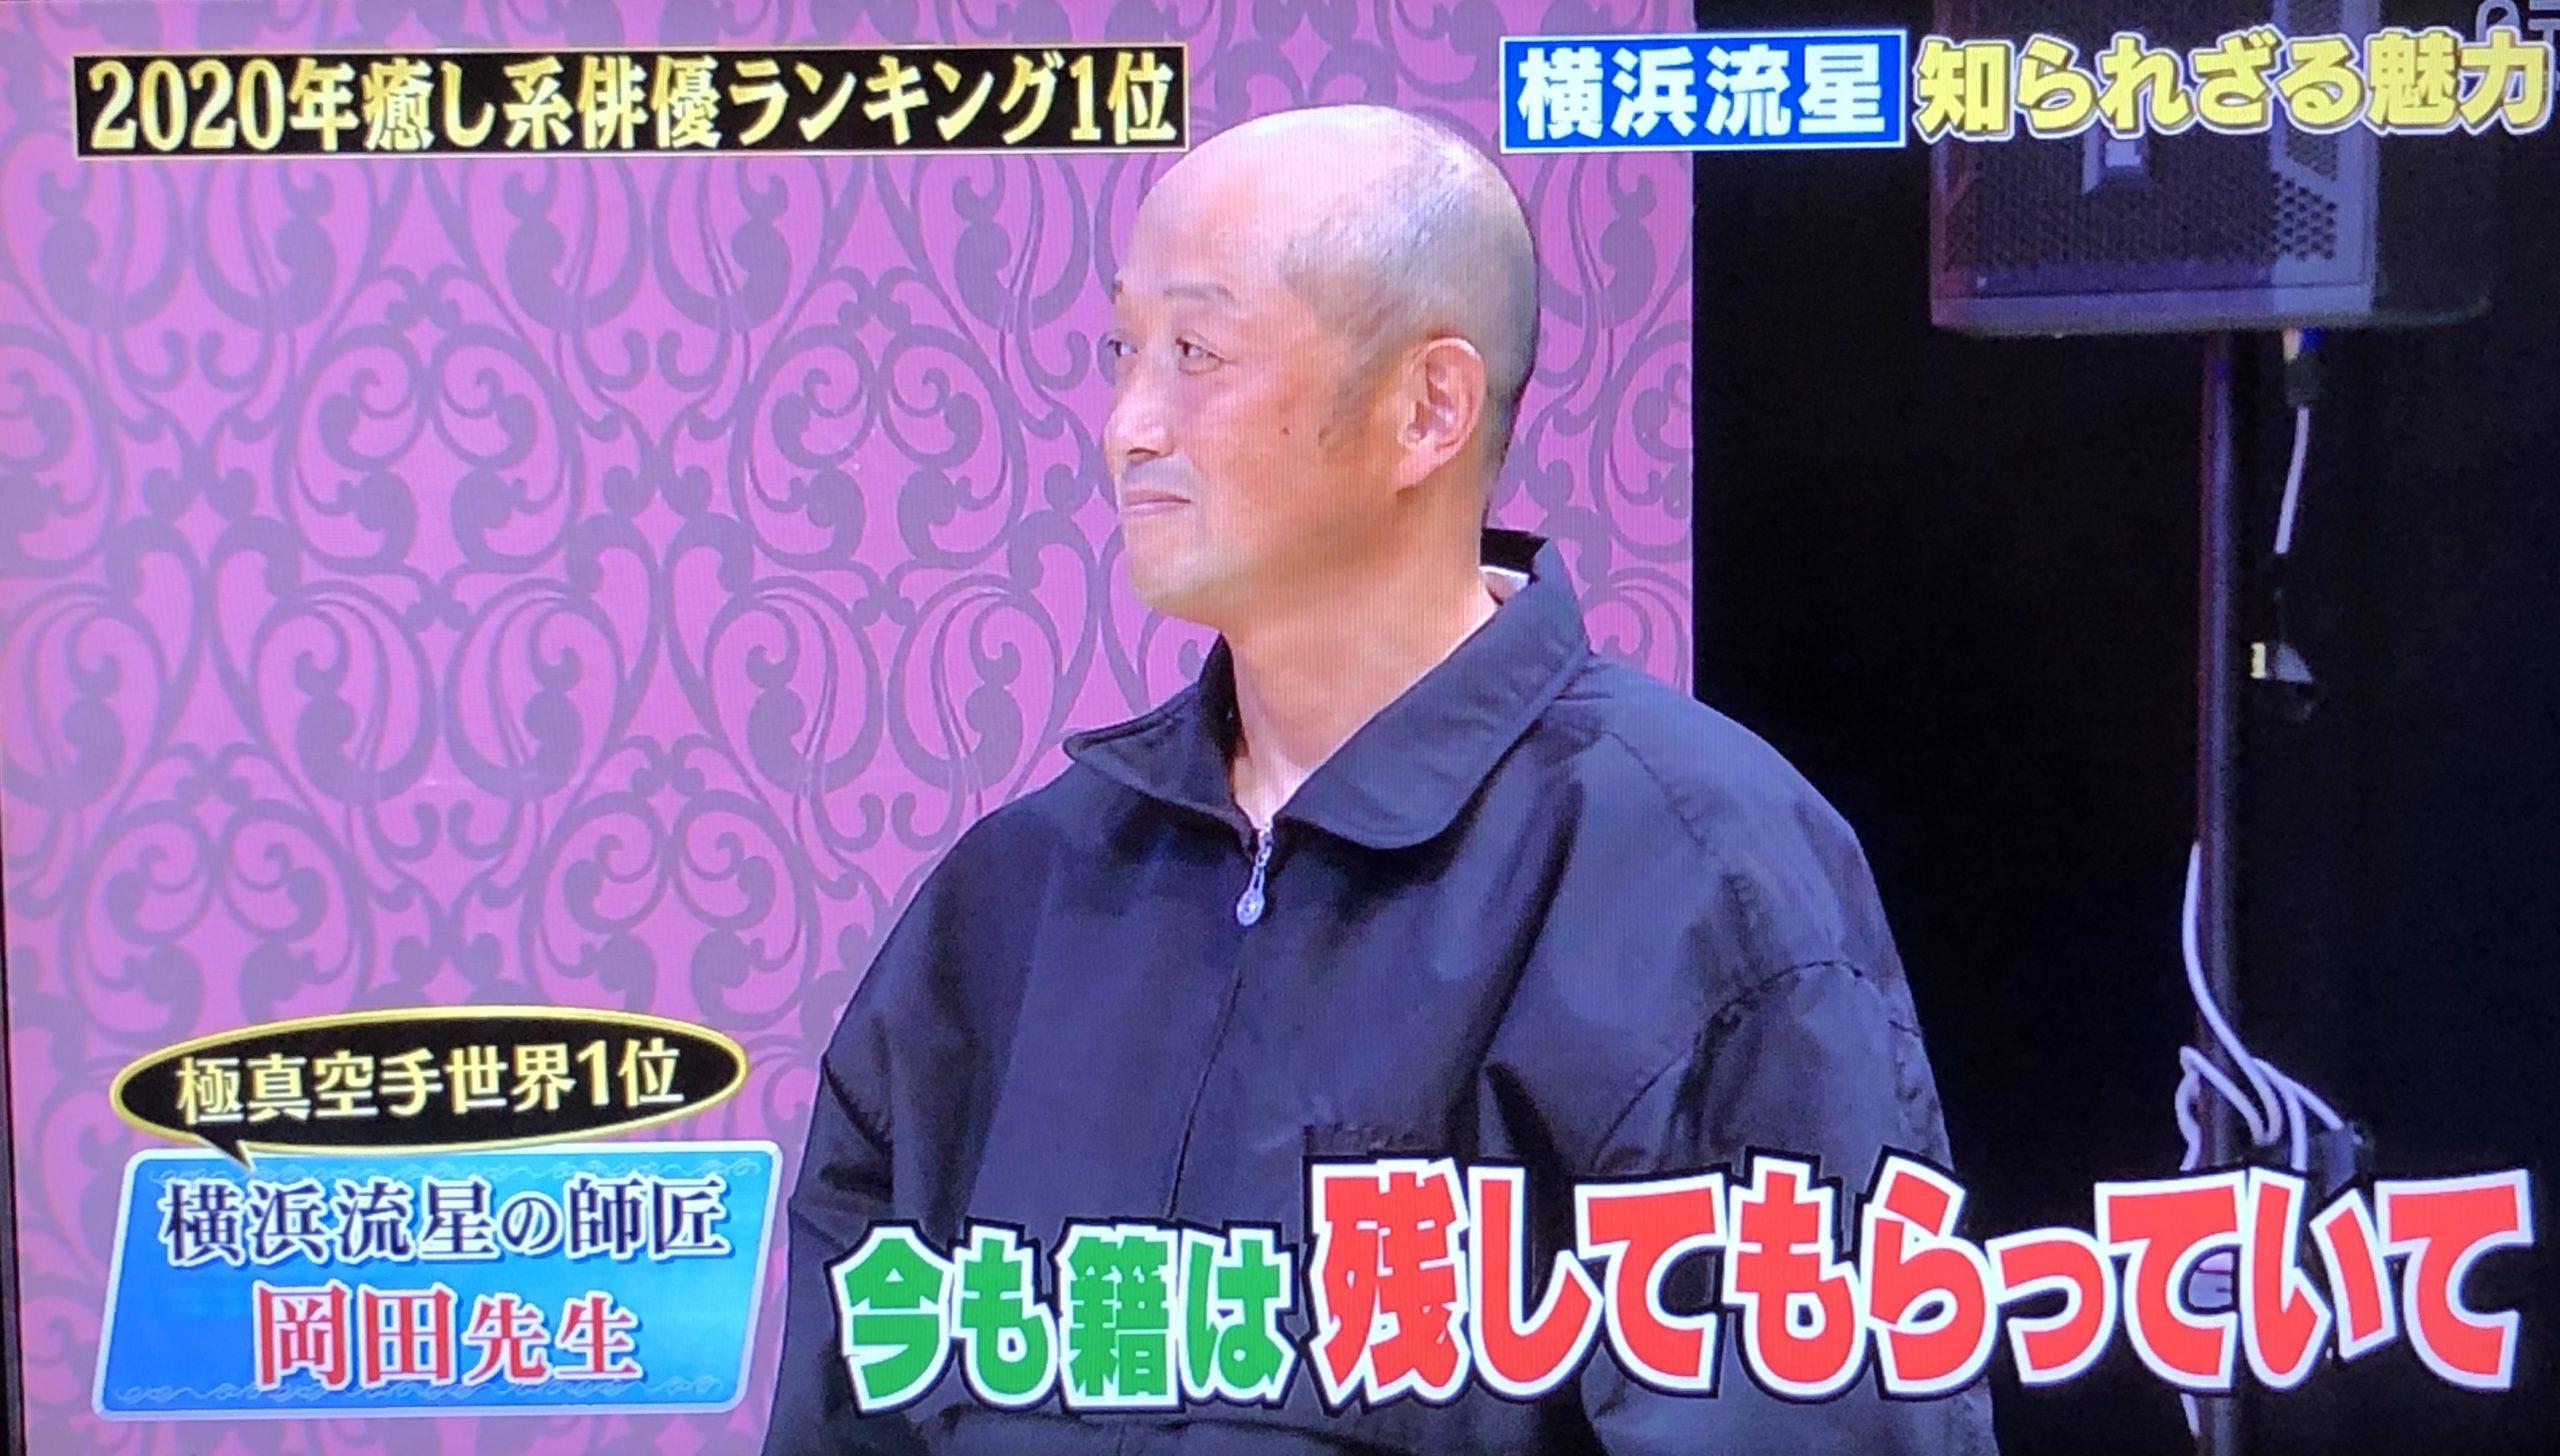 極真空手の横浜流星は松伏道場出身で流派や先生